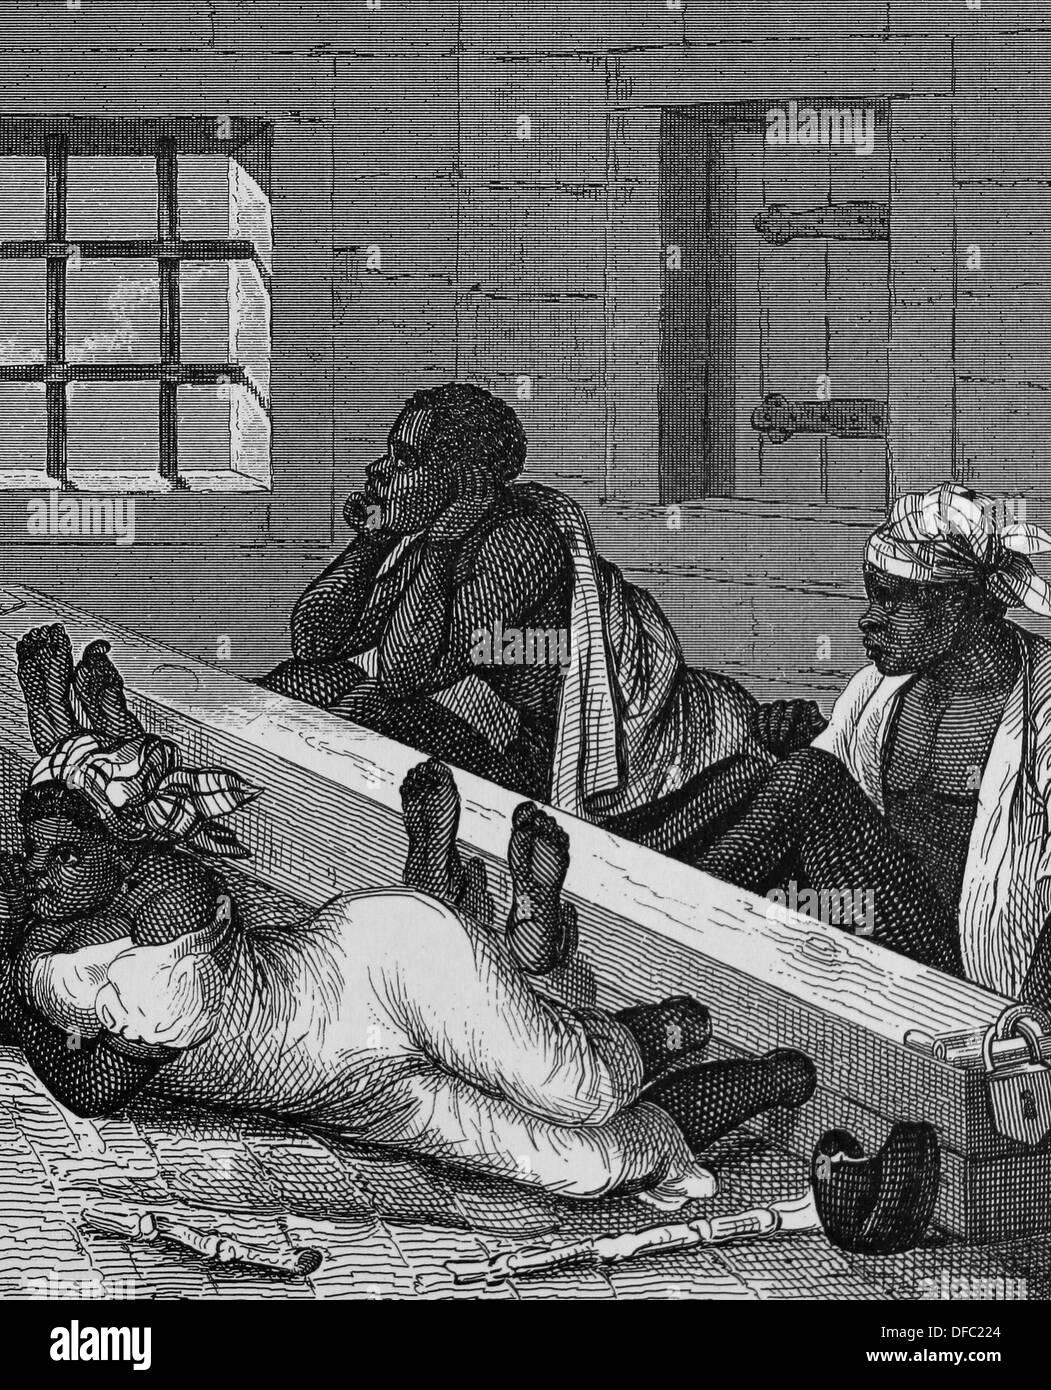 Brazilian slave trade. Black slaves in stocks in Brazil. Engraving. - Stock Image